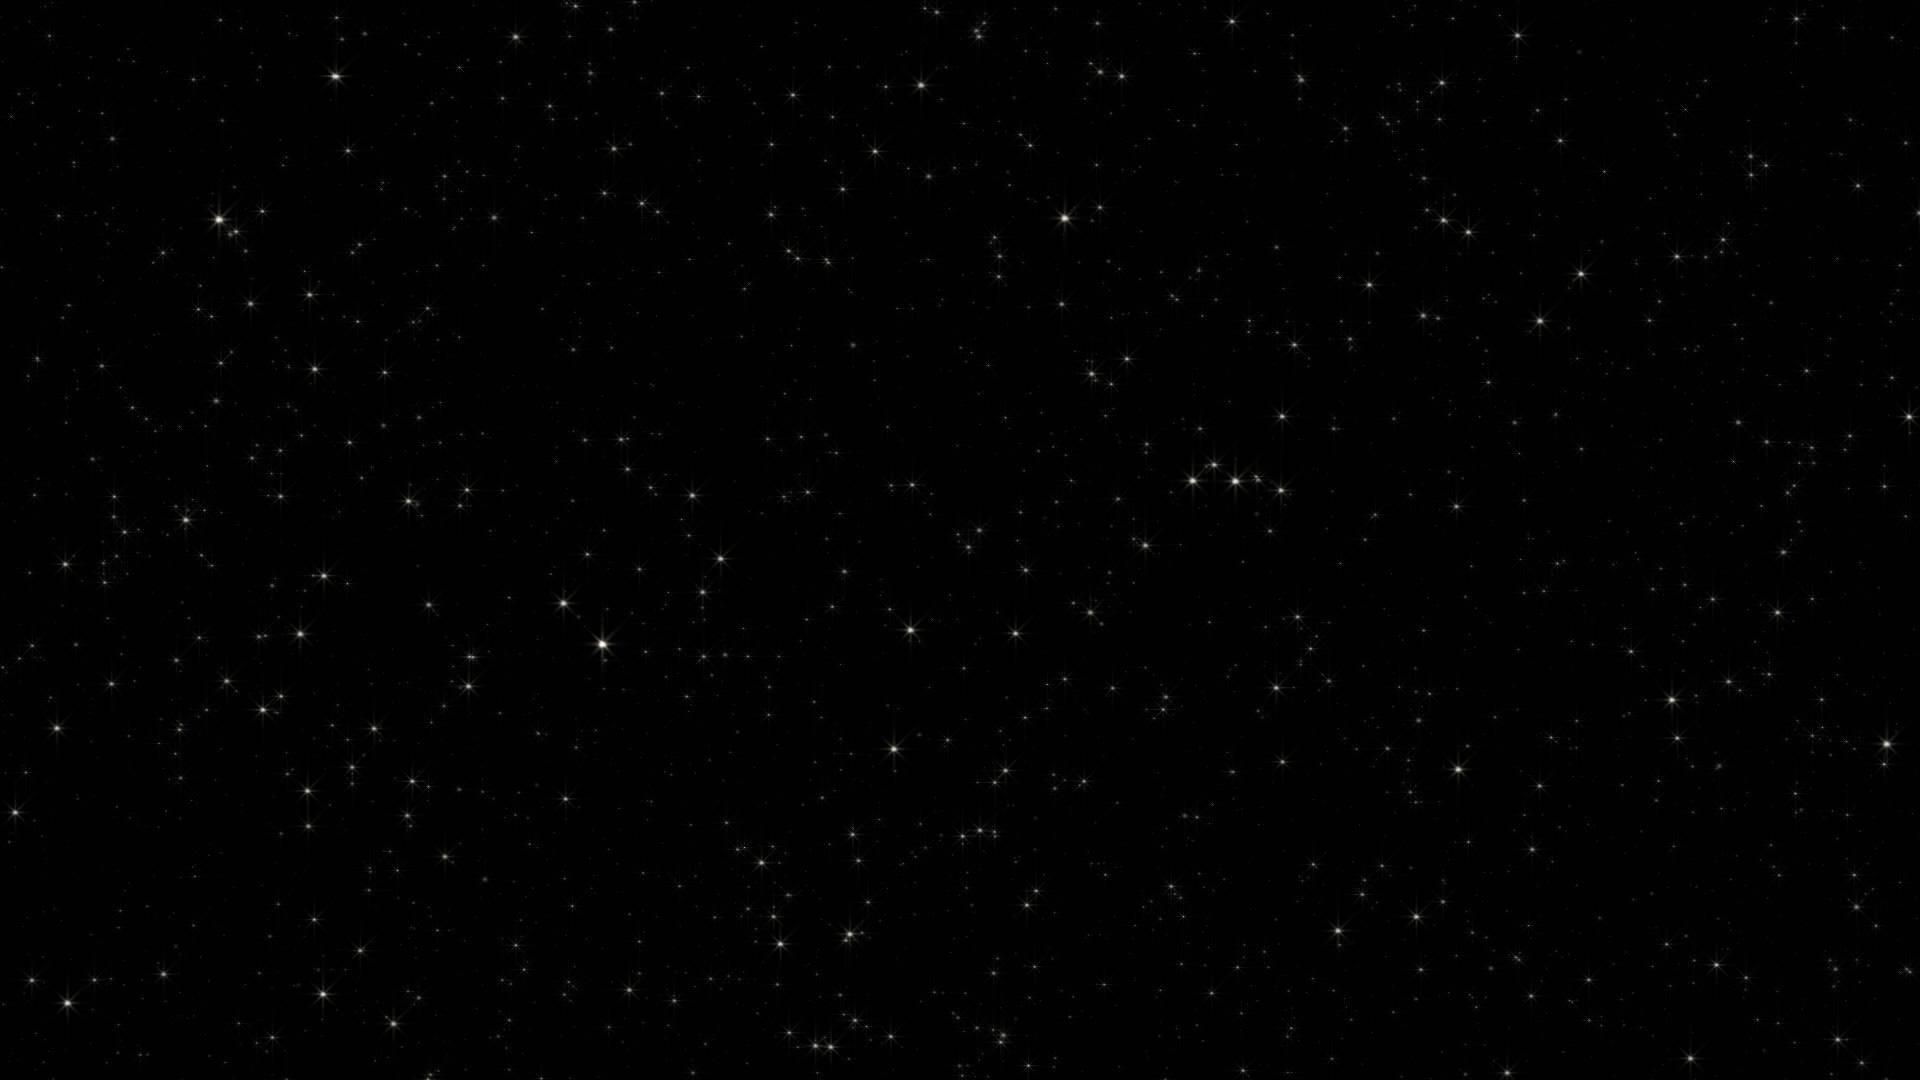 star wars star background